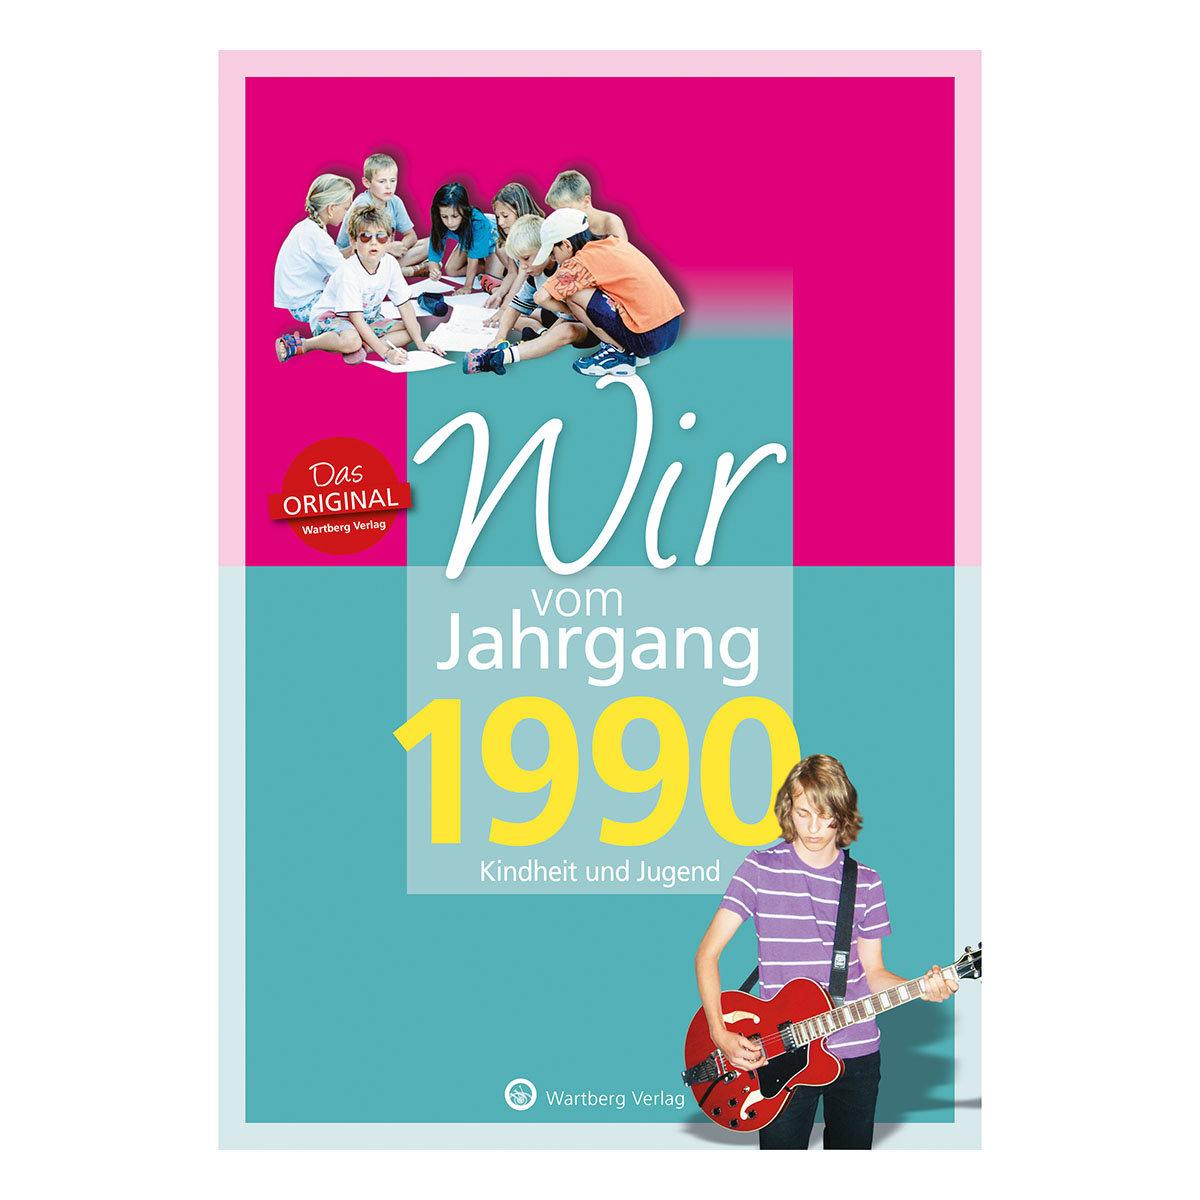 Wir vom Jahrgang 1990 - Kindheit und Jugend